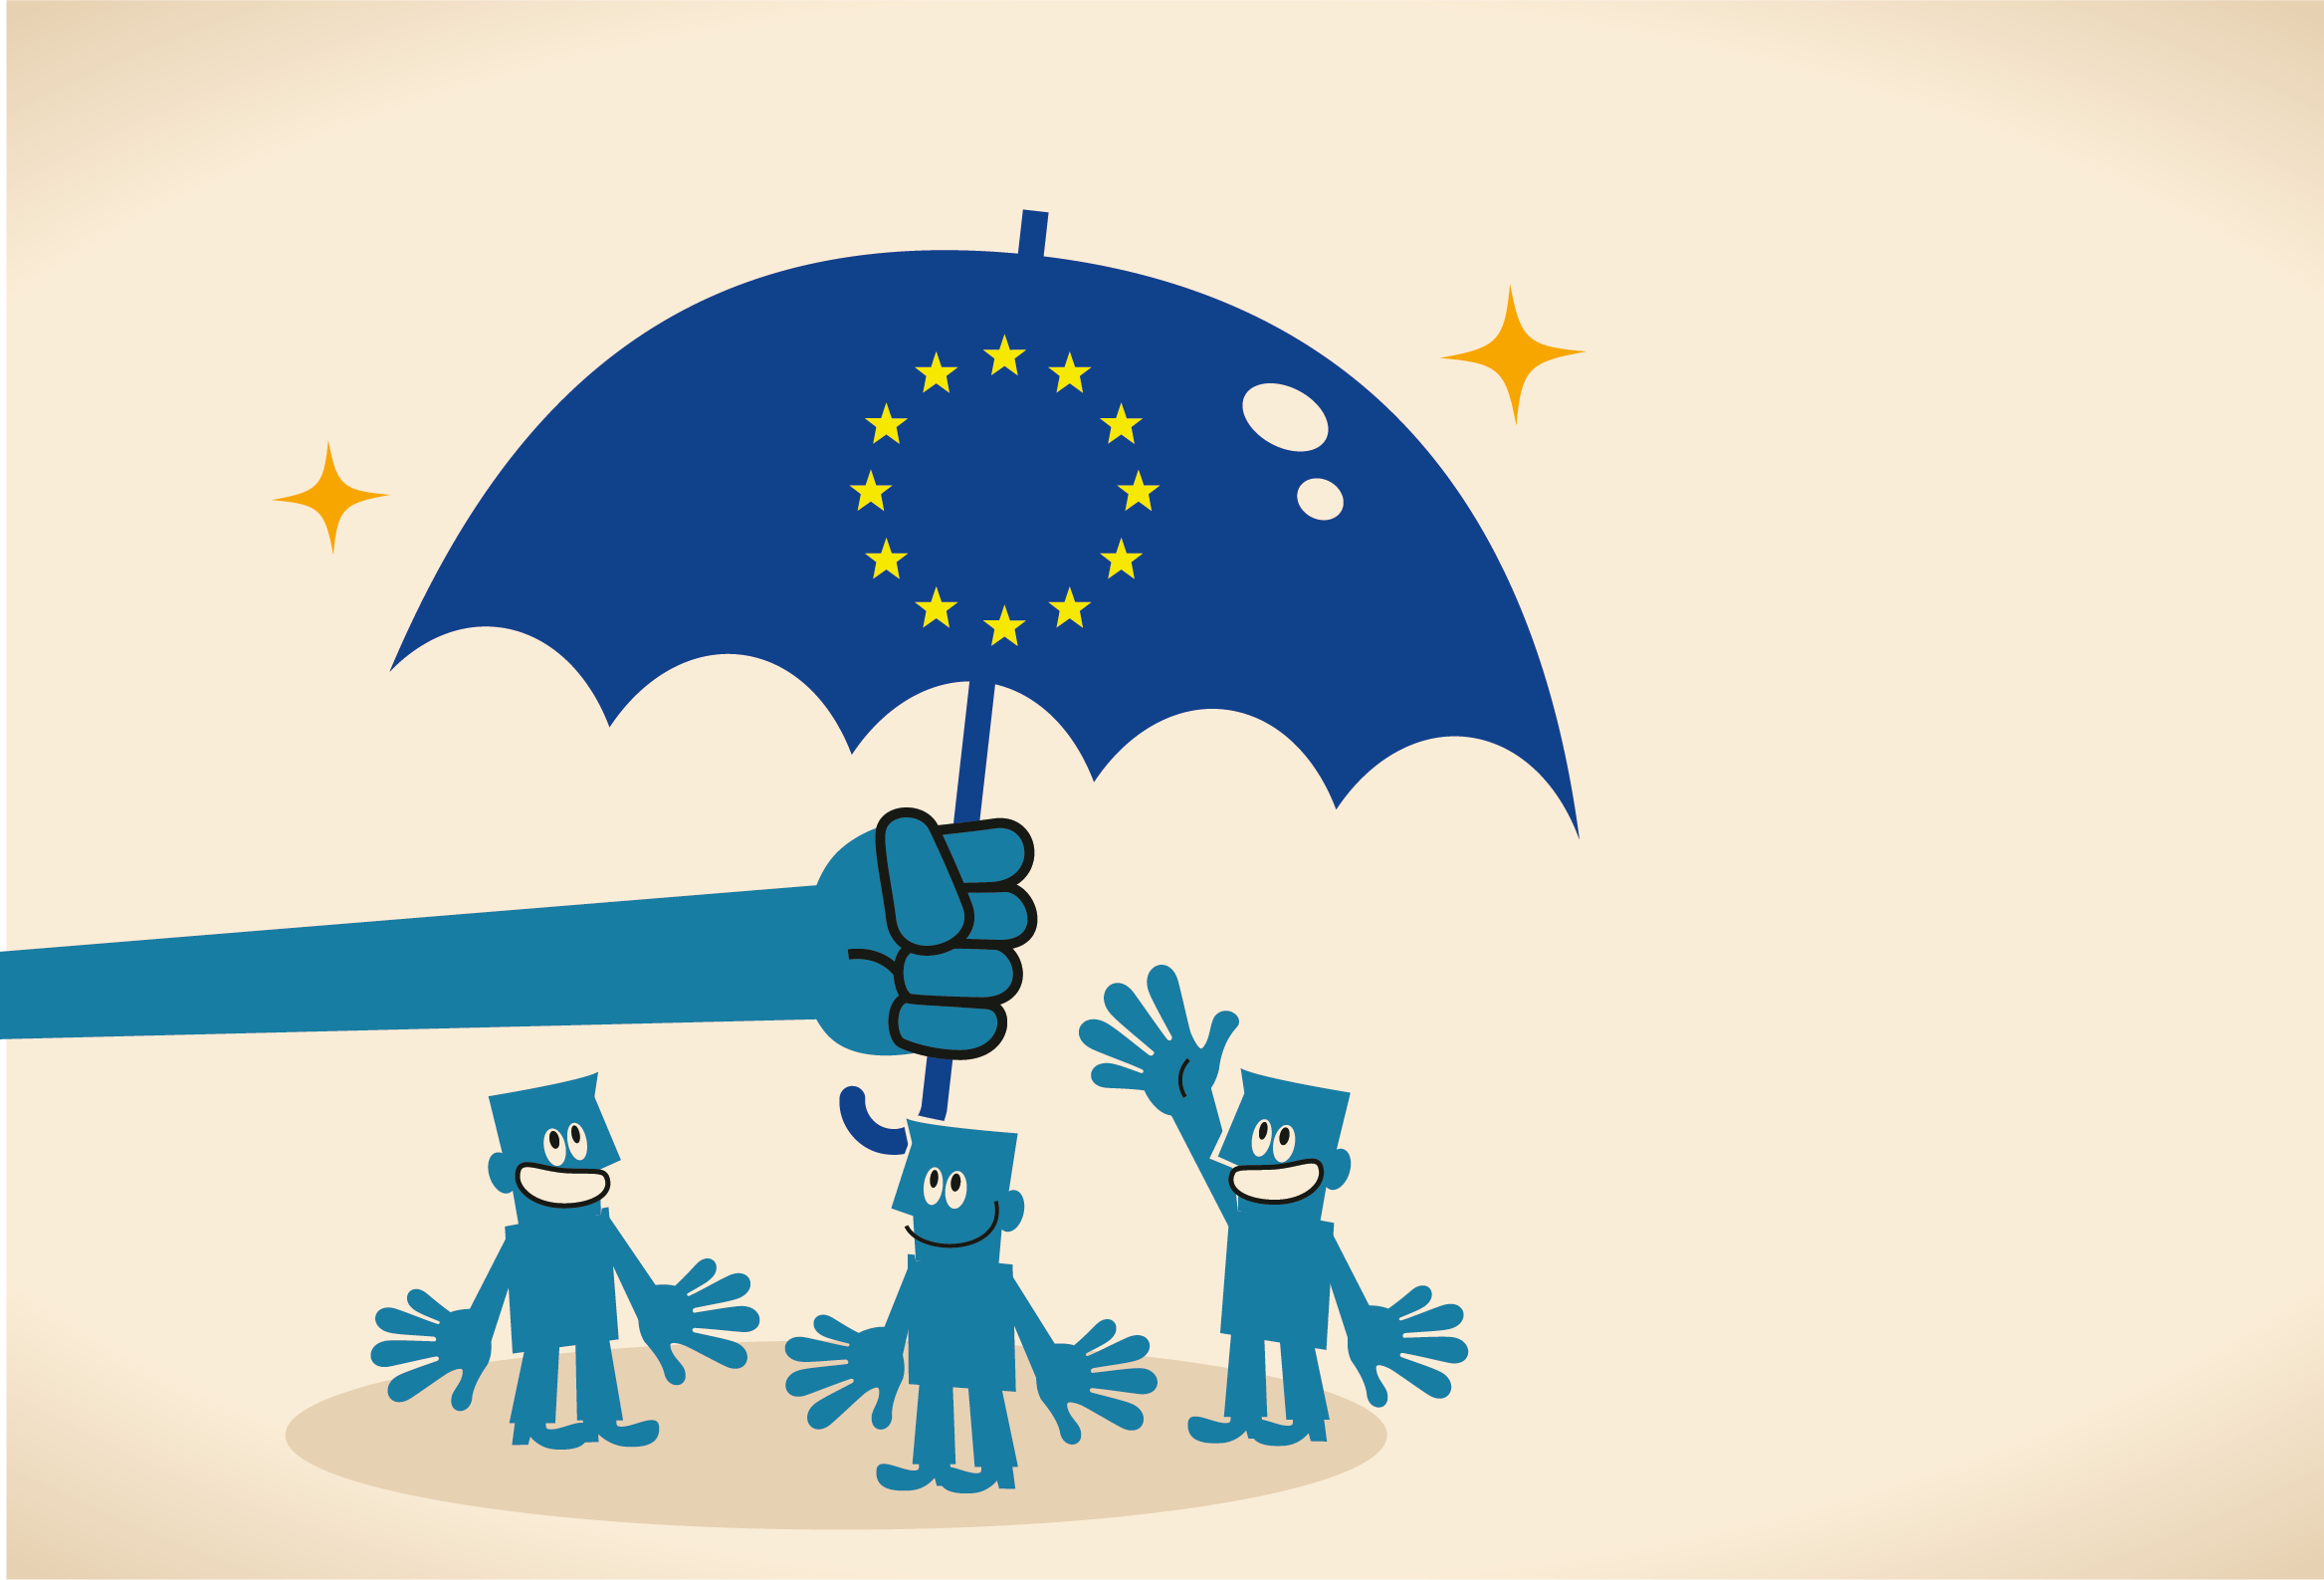 L'Europe, est-ce qu'elle nous protège vraiment ?